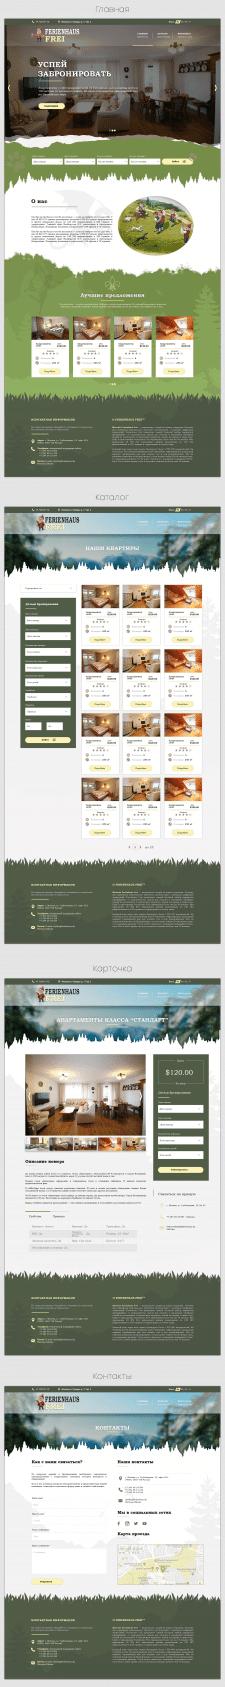 Многостраничный сайт по аренде квартир в Германии